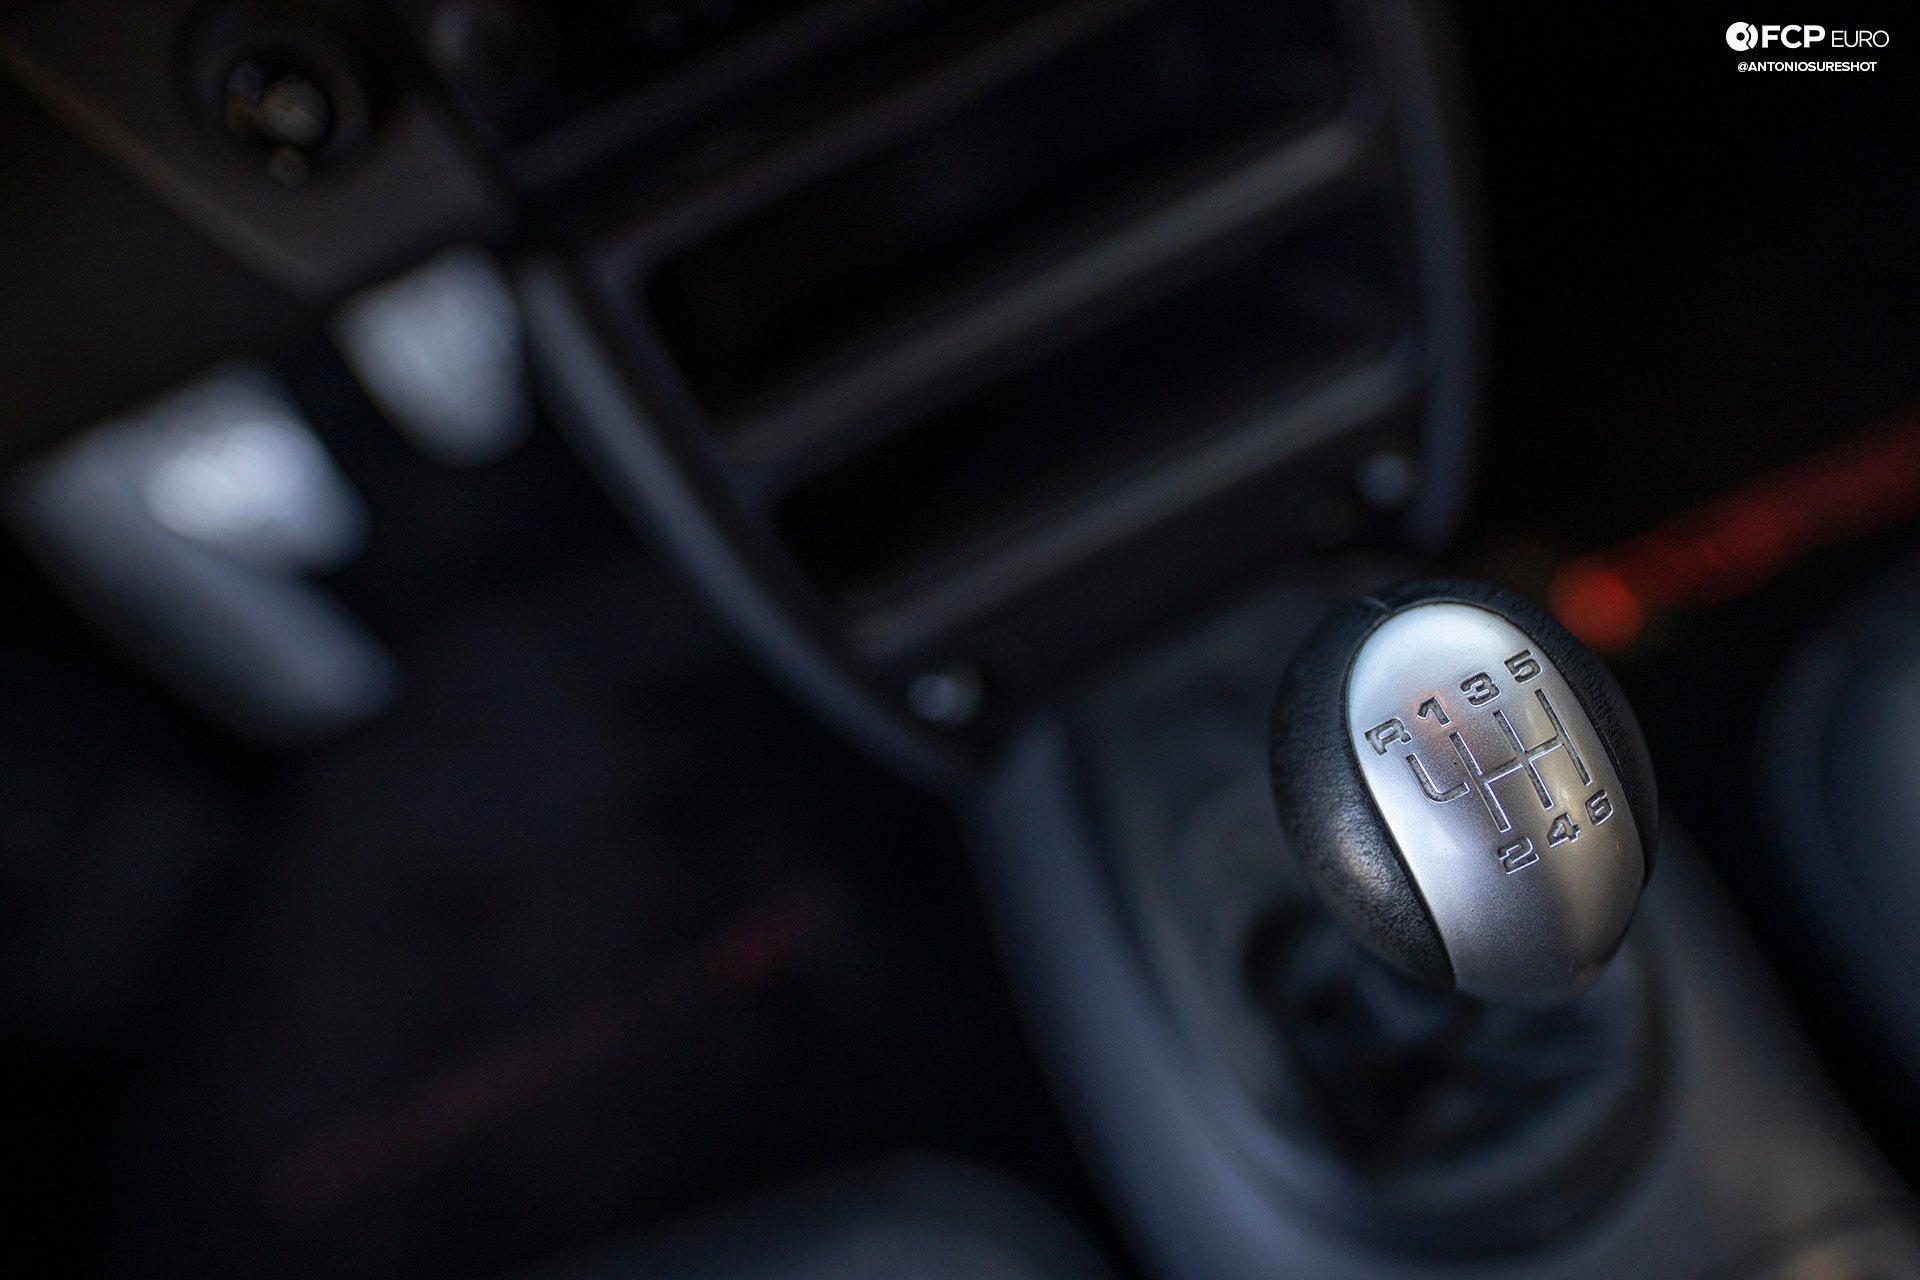 Porsche 911 996 6spd M96 Bilstein B8 Stoptech Eibach Forgestar EOSR0746